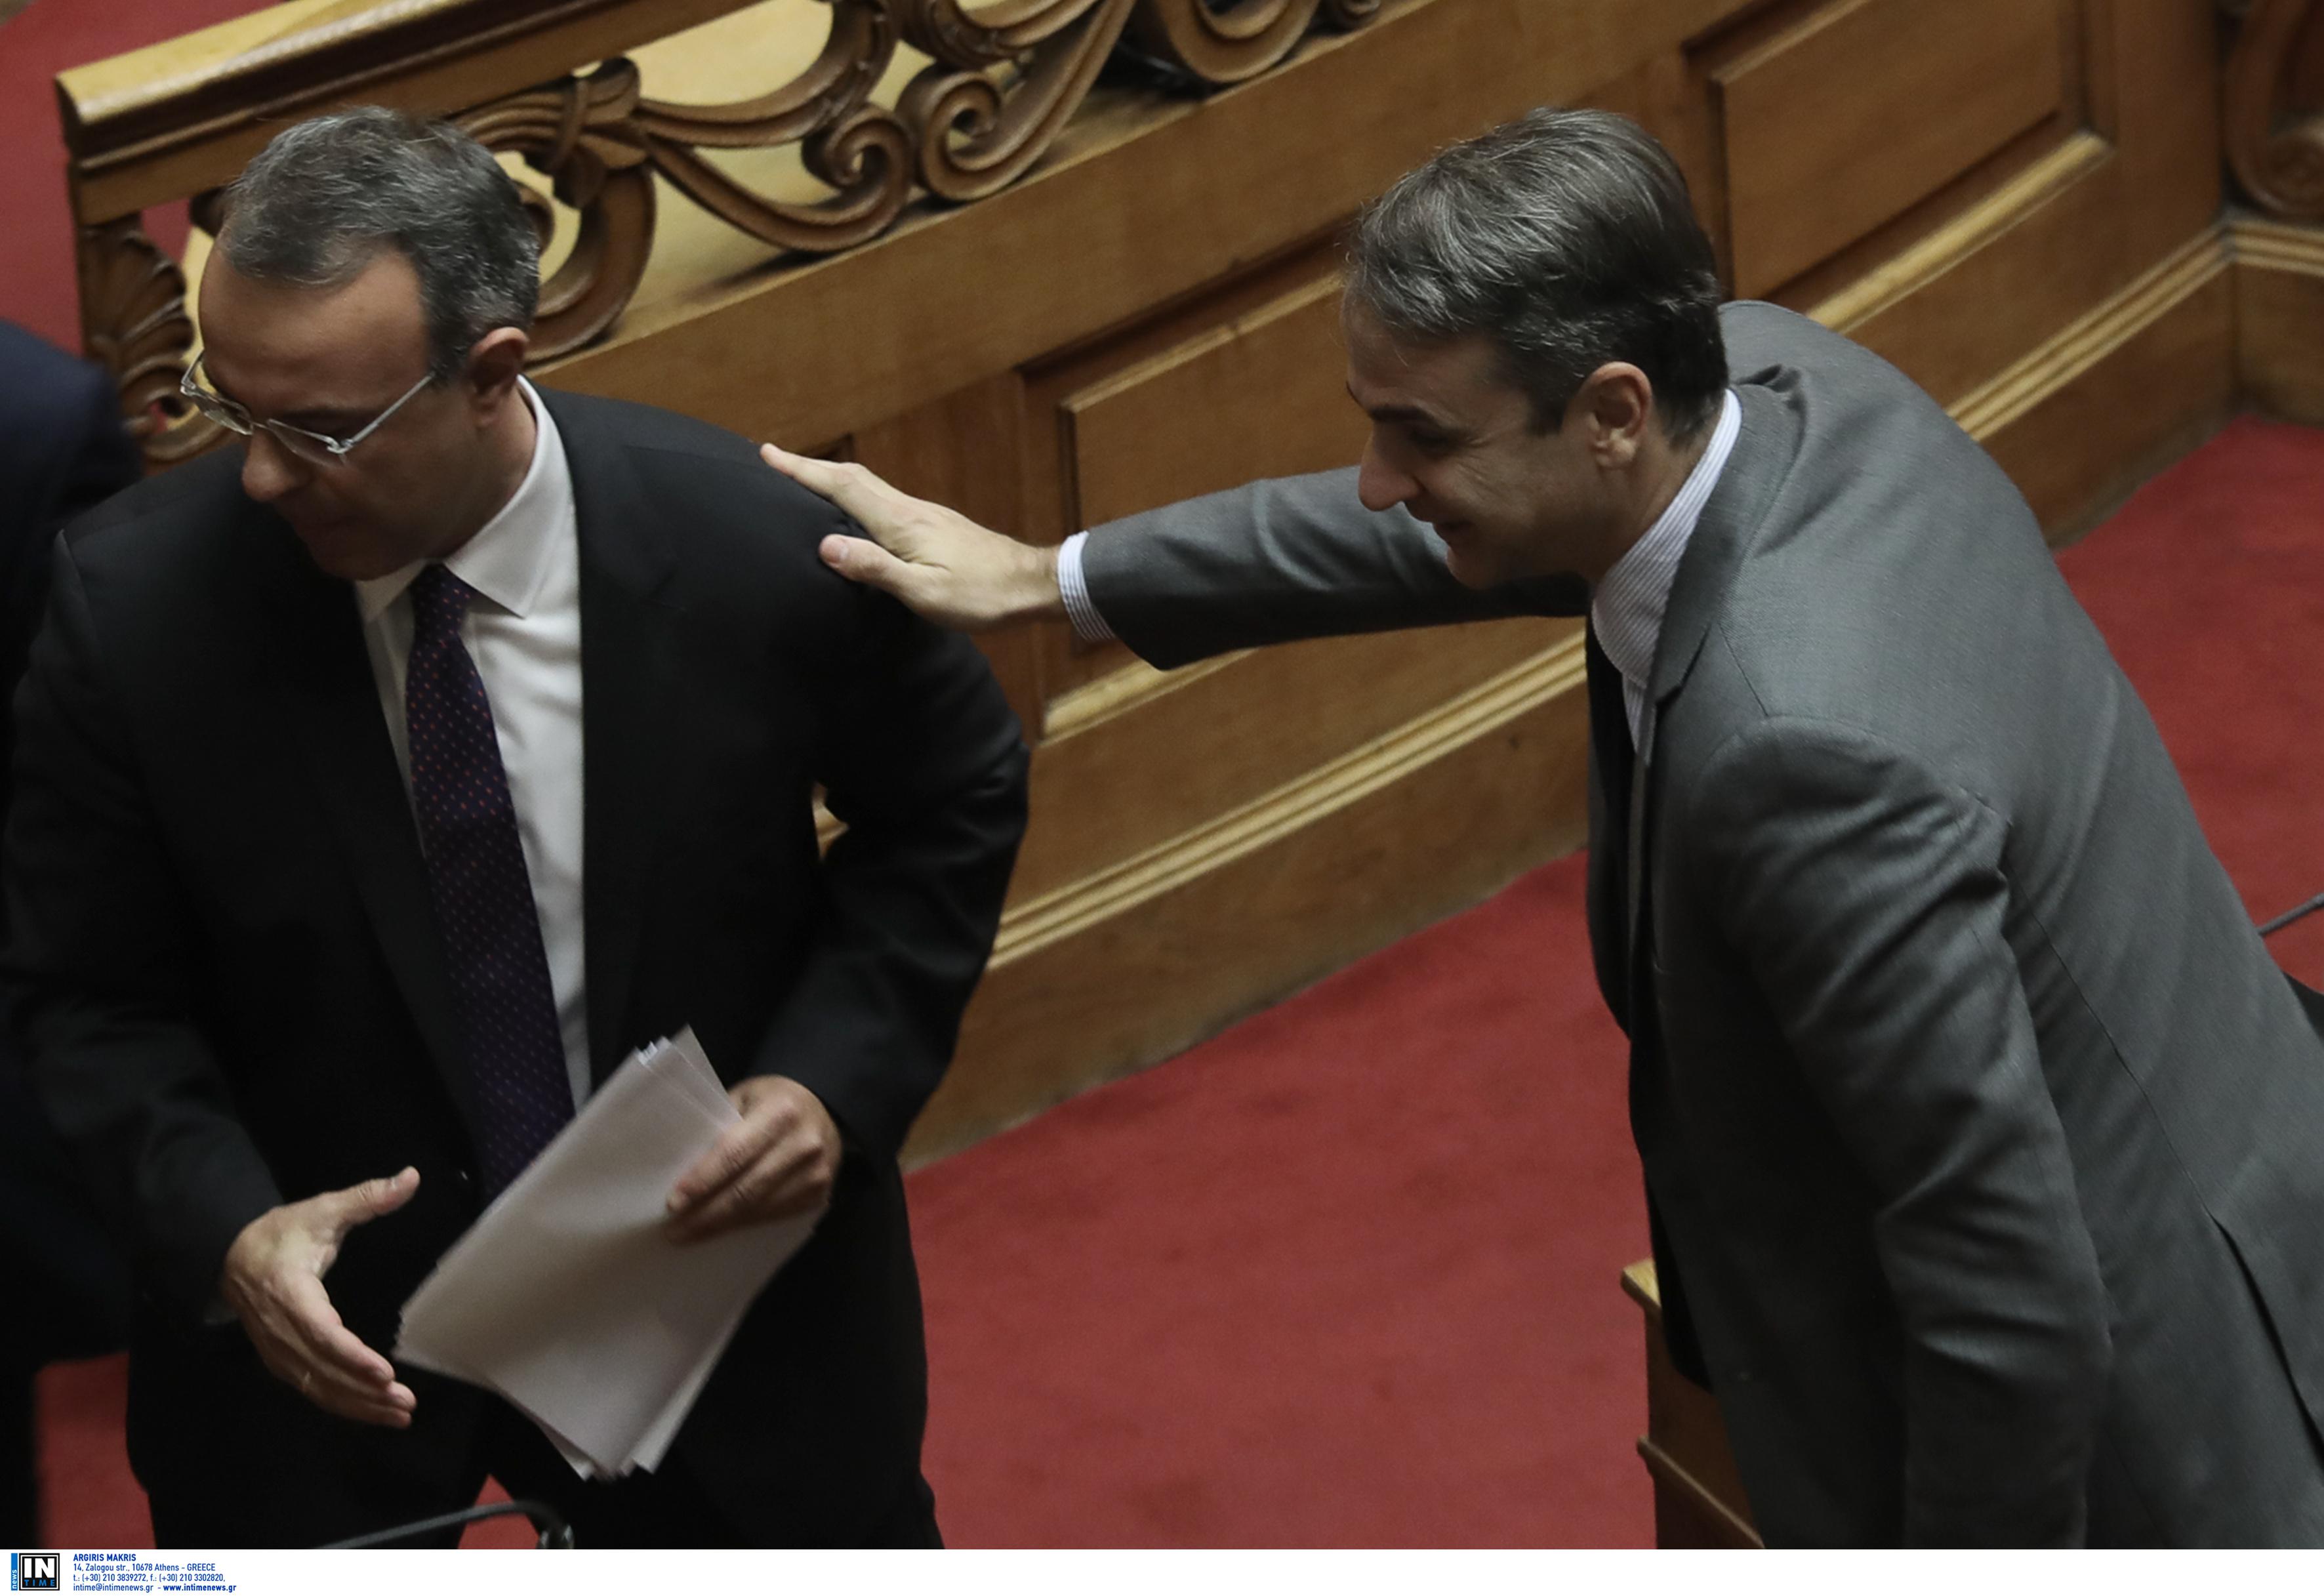 Σήκωσαν μανίκια μετά το… «φιρμάνι» του Eurogroup – Τι ζήτησε ο Μητσοτάκης από τον Σταϊκούρα